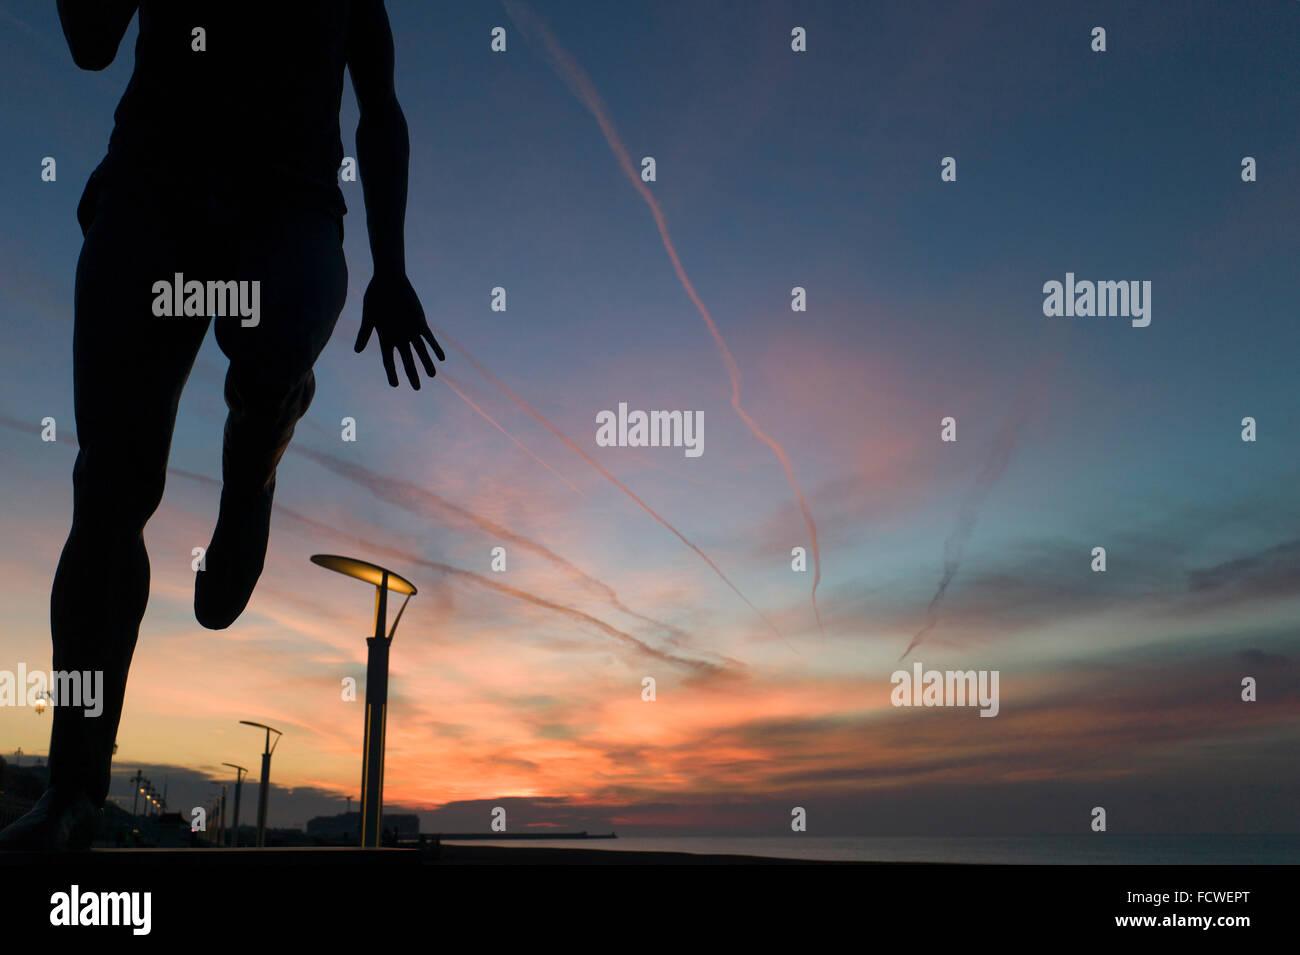 Silueta de la estatua de Steve Ovett, corredor, Brighton Seafront, al amanecer, amanecer impresionante cielo Imagen De Stock